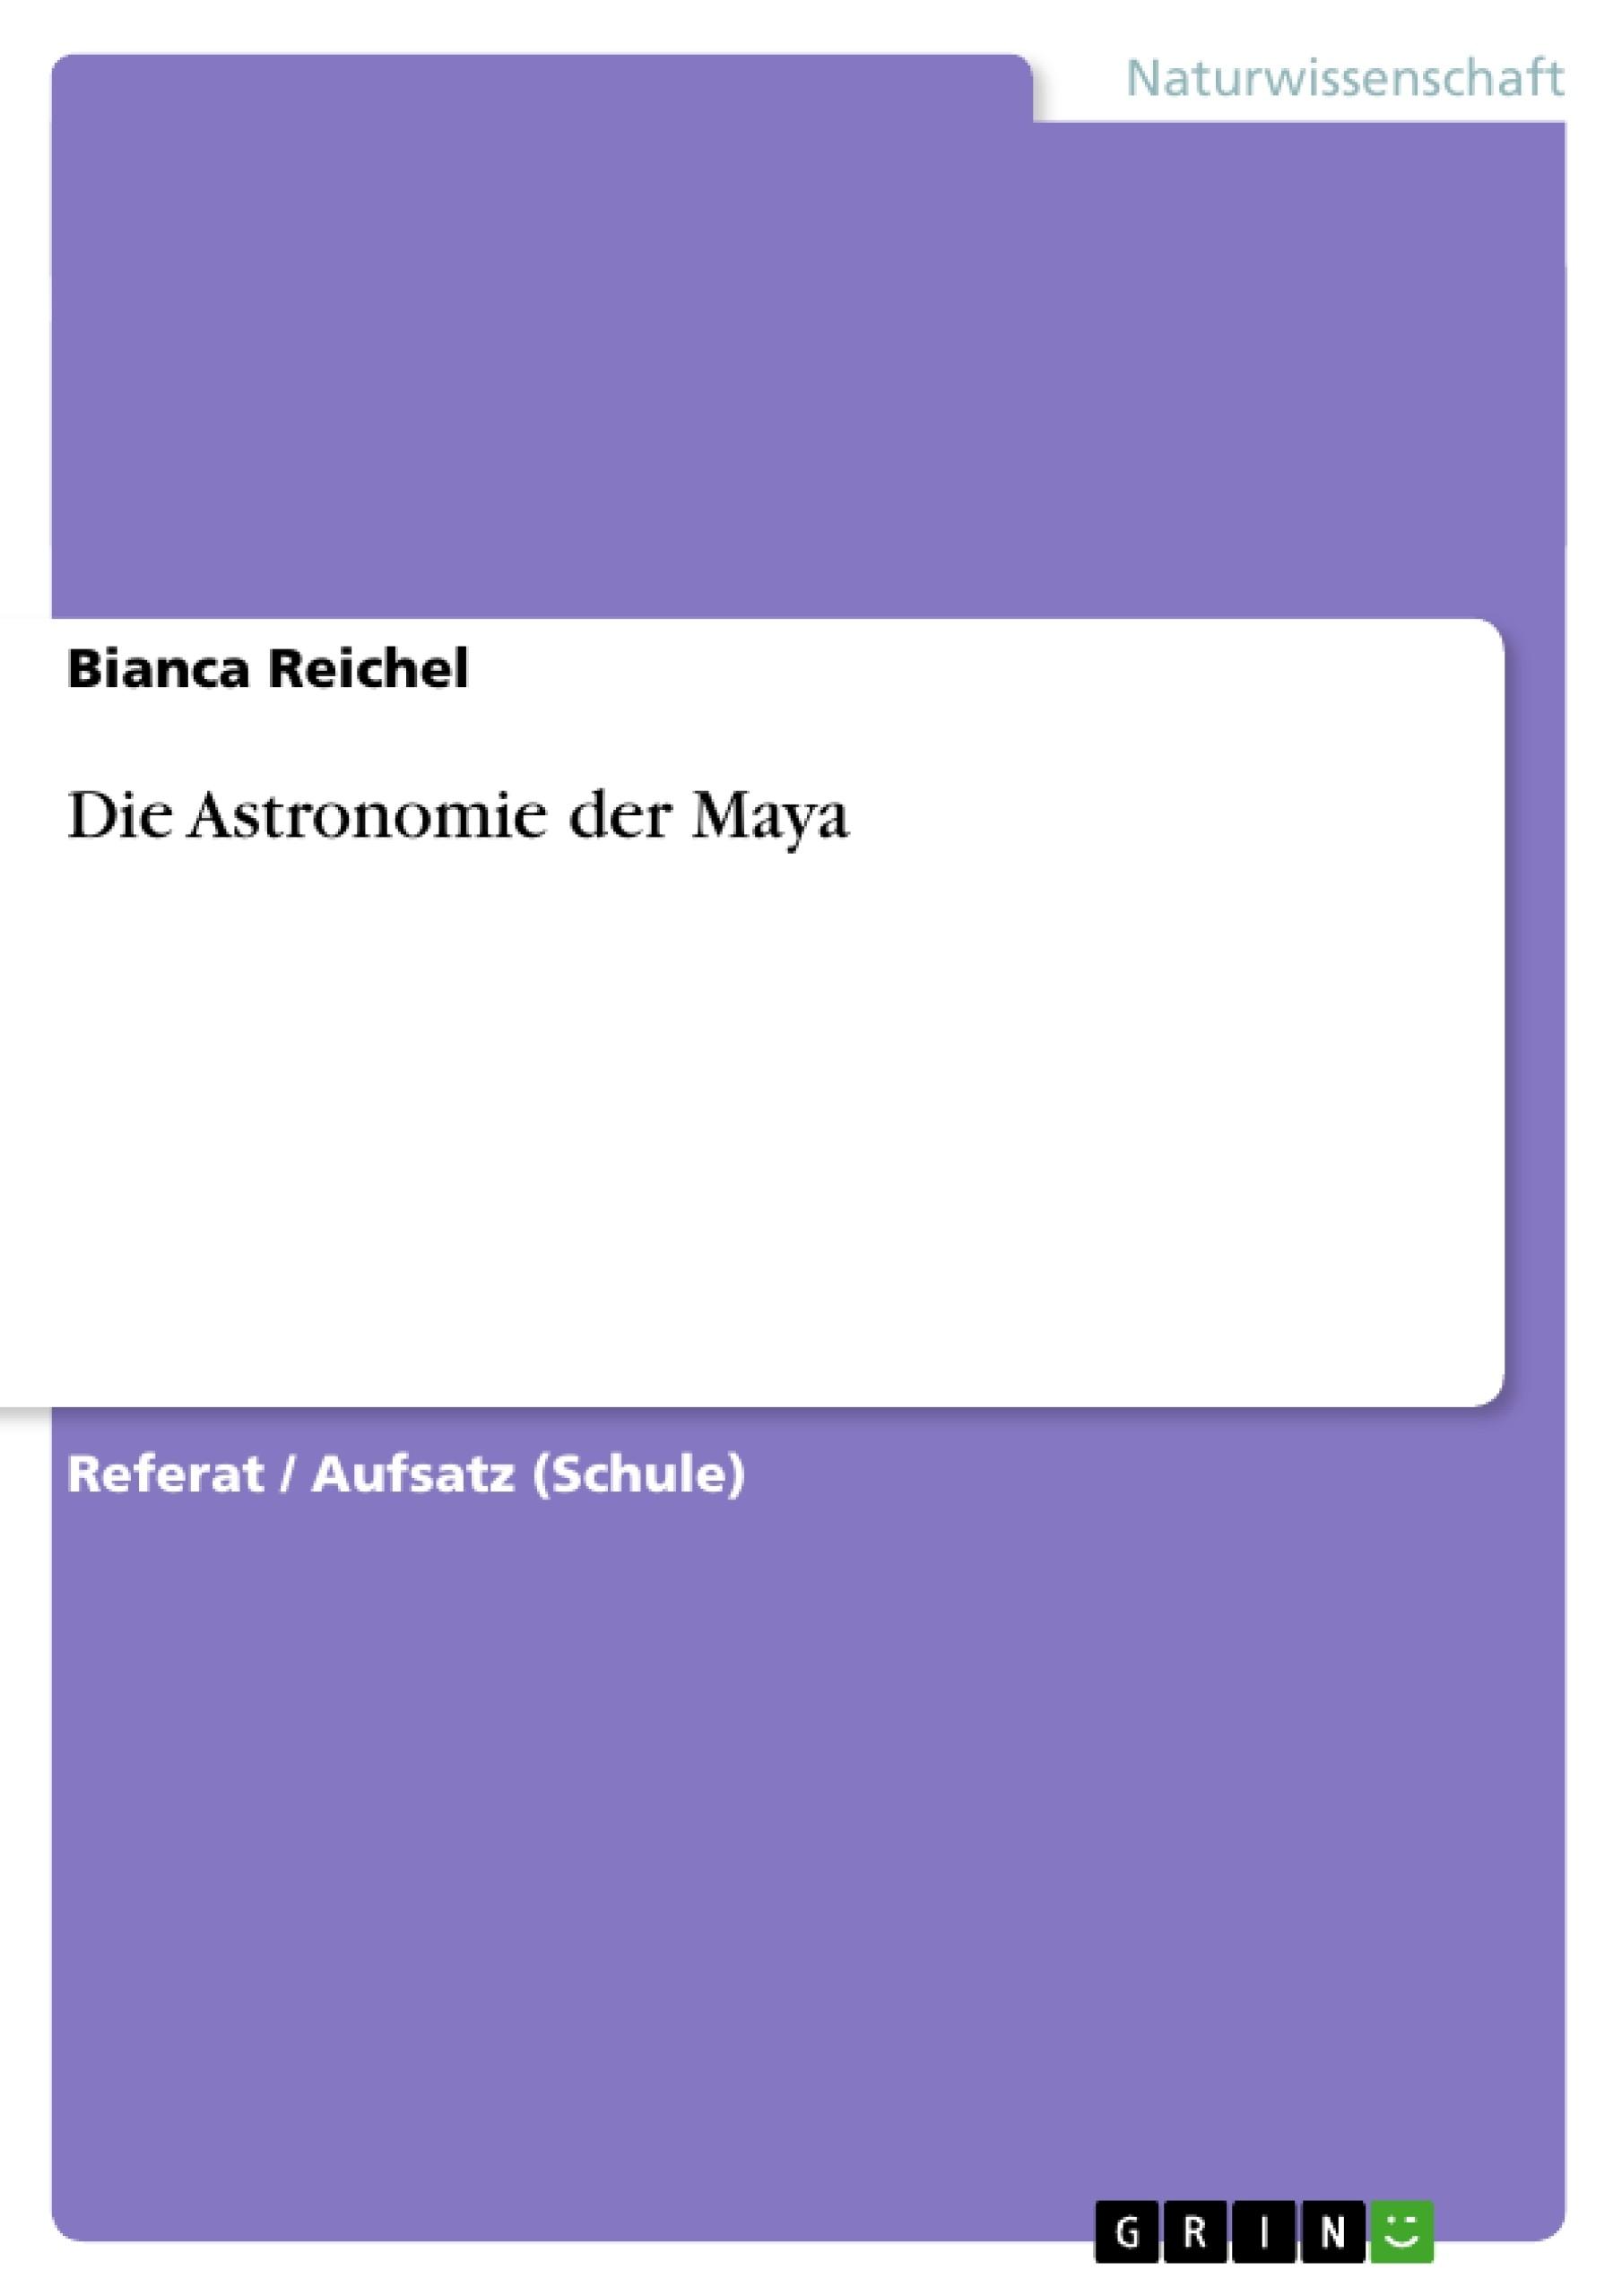 Titel: Die Astronomie der Maya